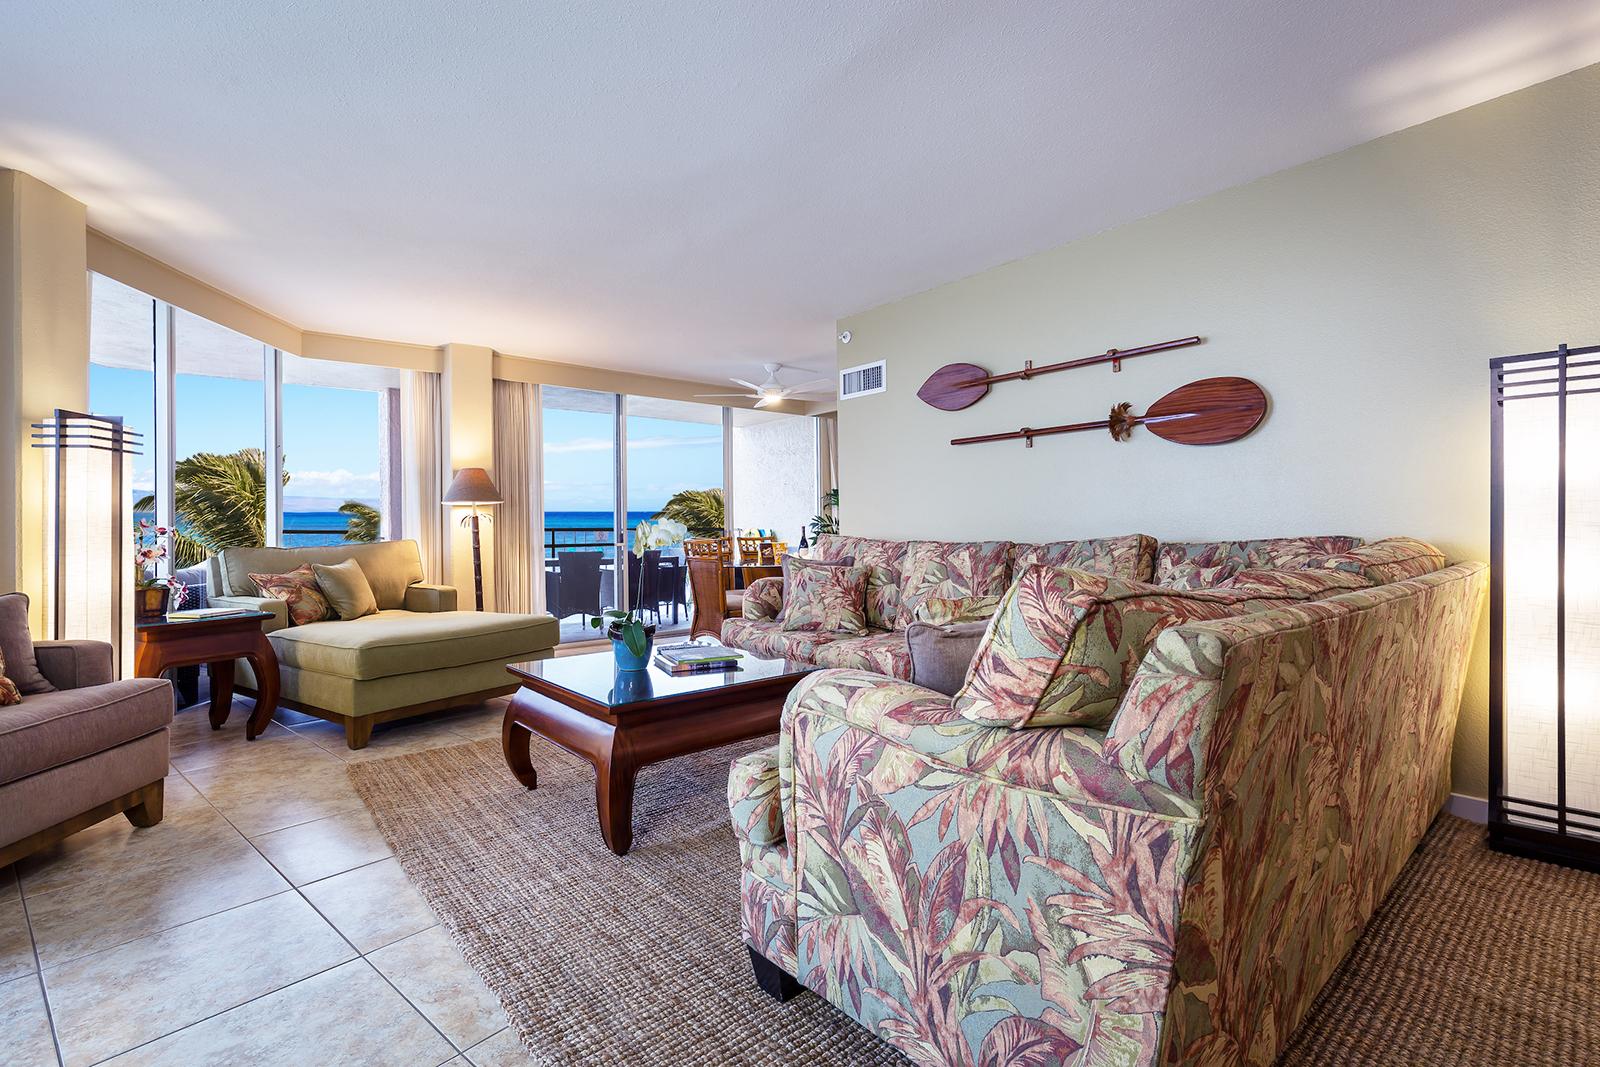 Royal-Kahana-Maui-Beach-Resort-Condos-RK510-2918.jpg